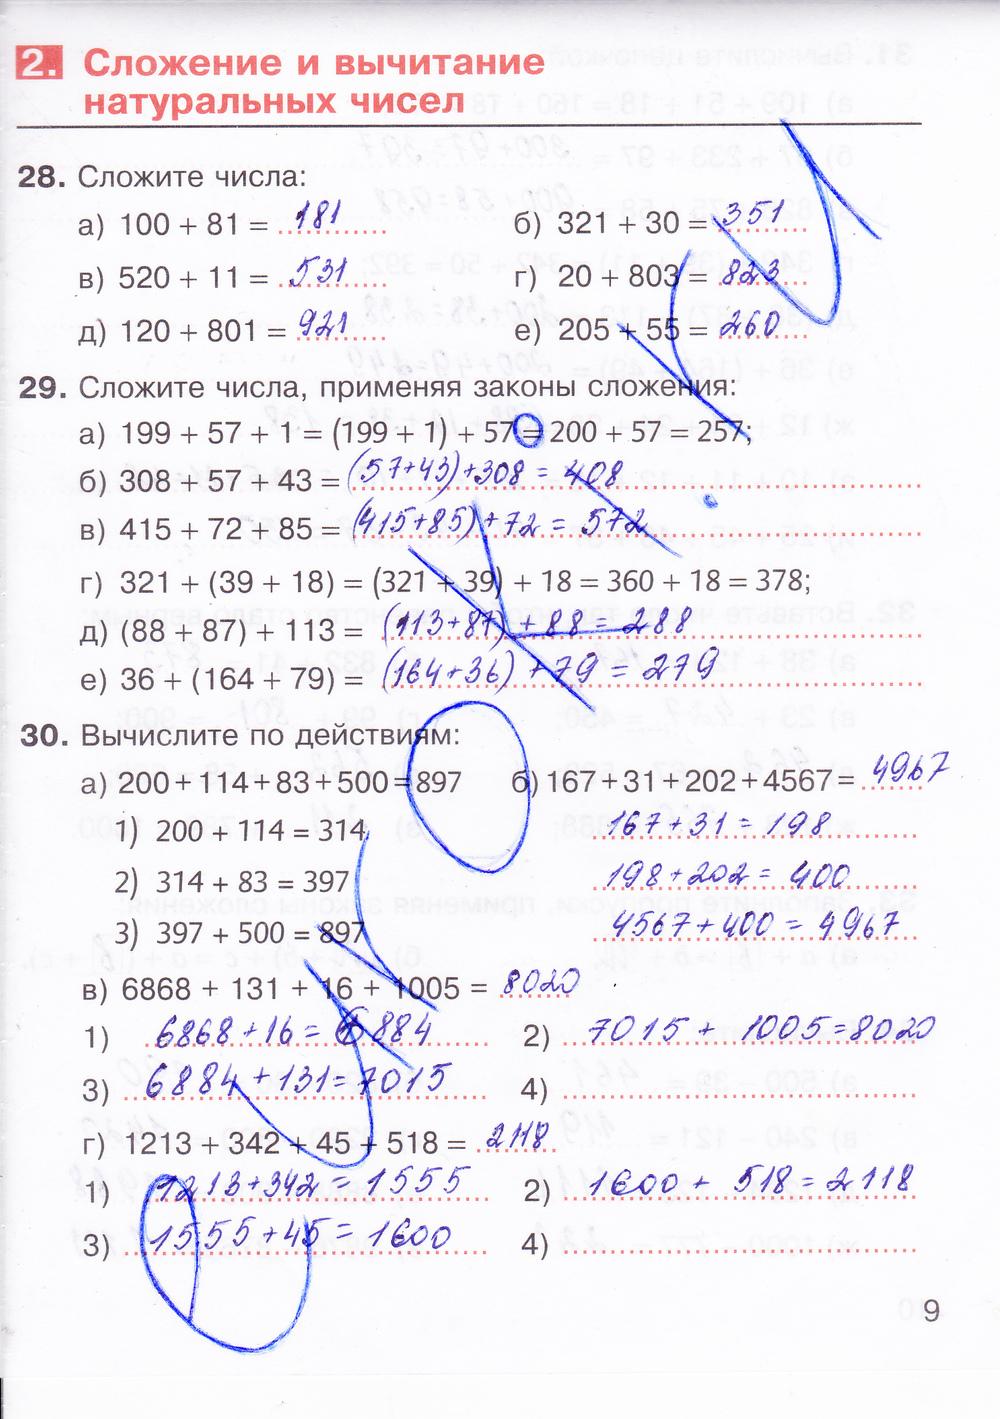 Гдз математика 5 класс тетрадь на печатной основе потапов